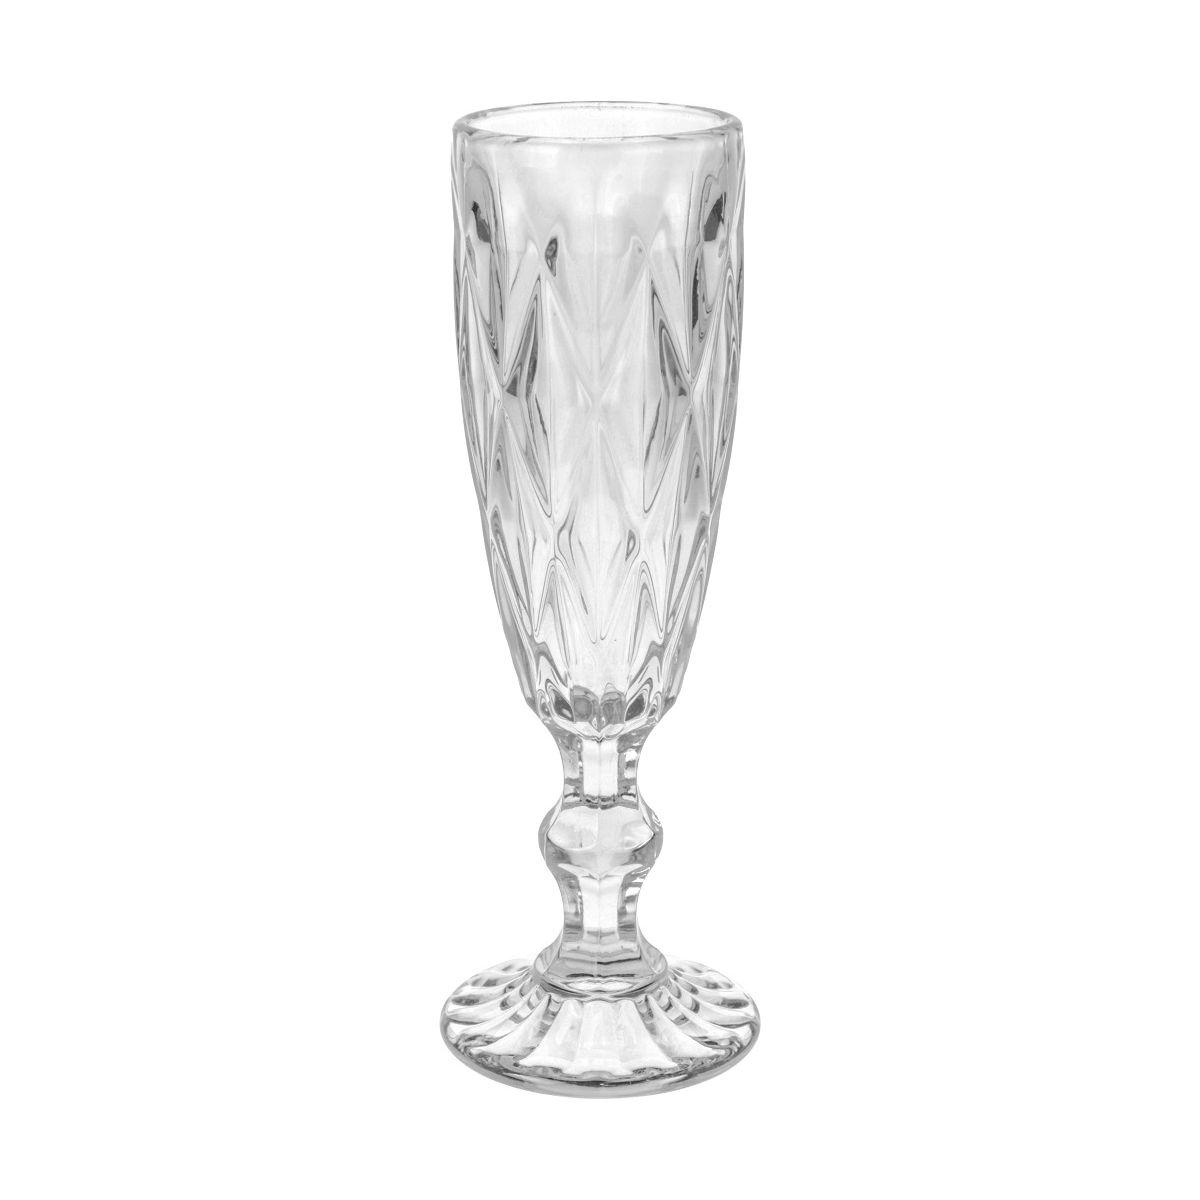 Фужер д/шампанского  6*20см 170 млфужер для шампанского  6х20см, 170 мл<br>